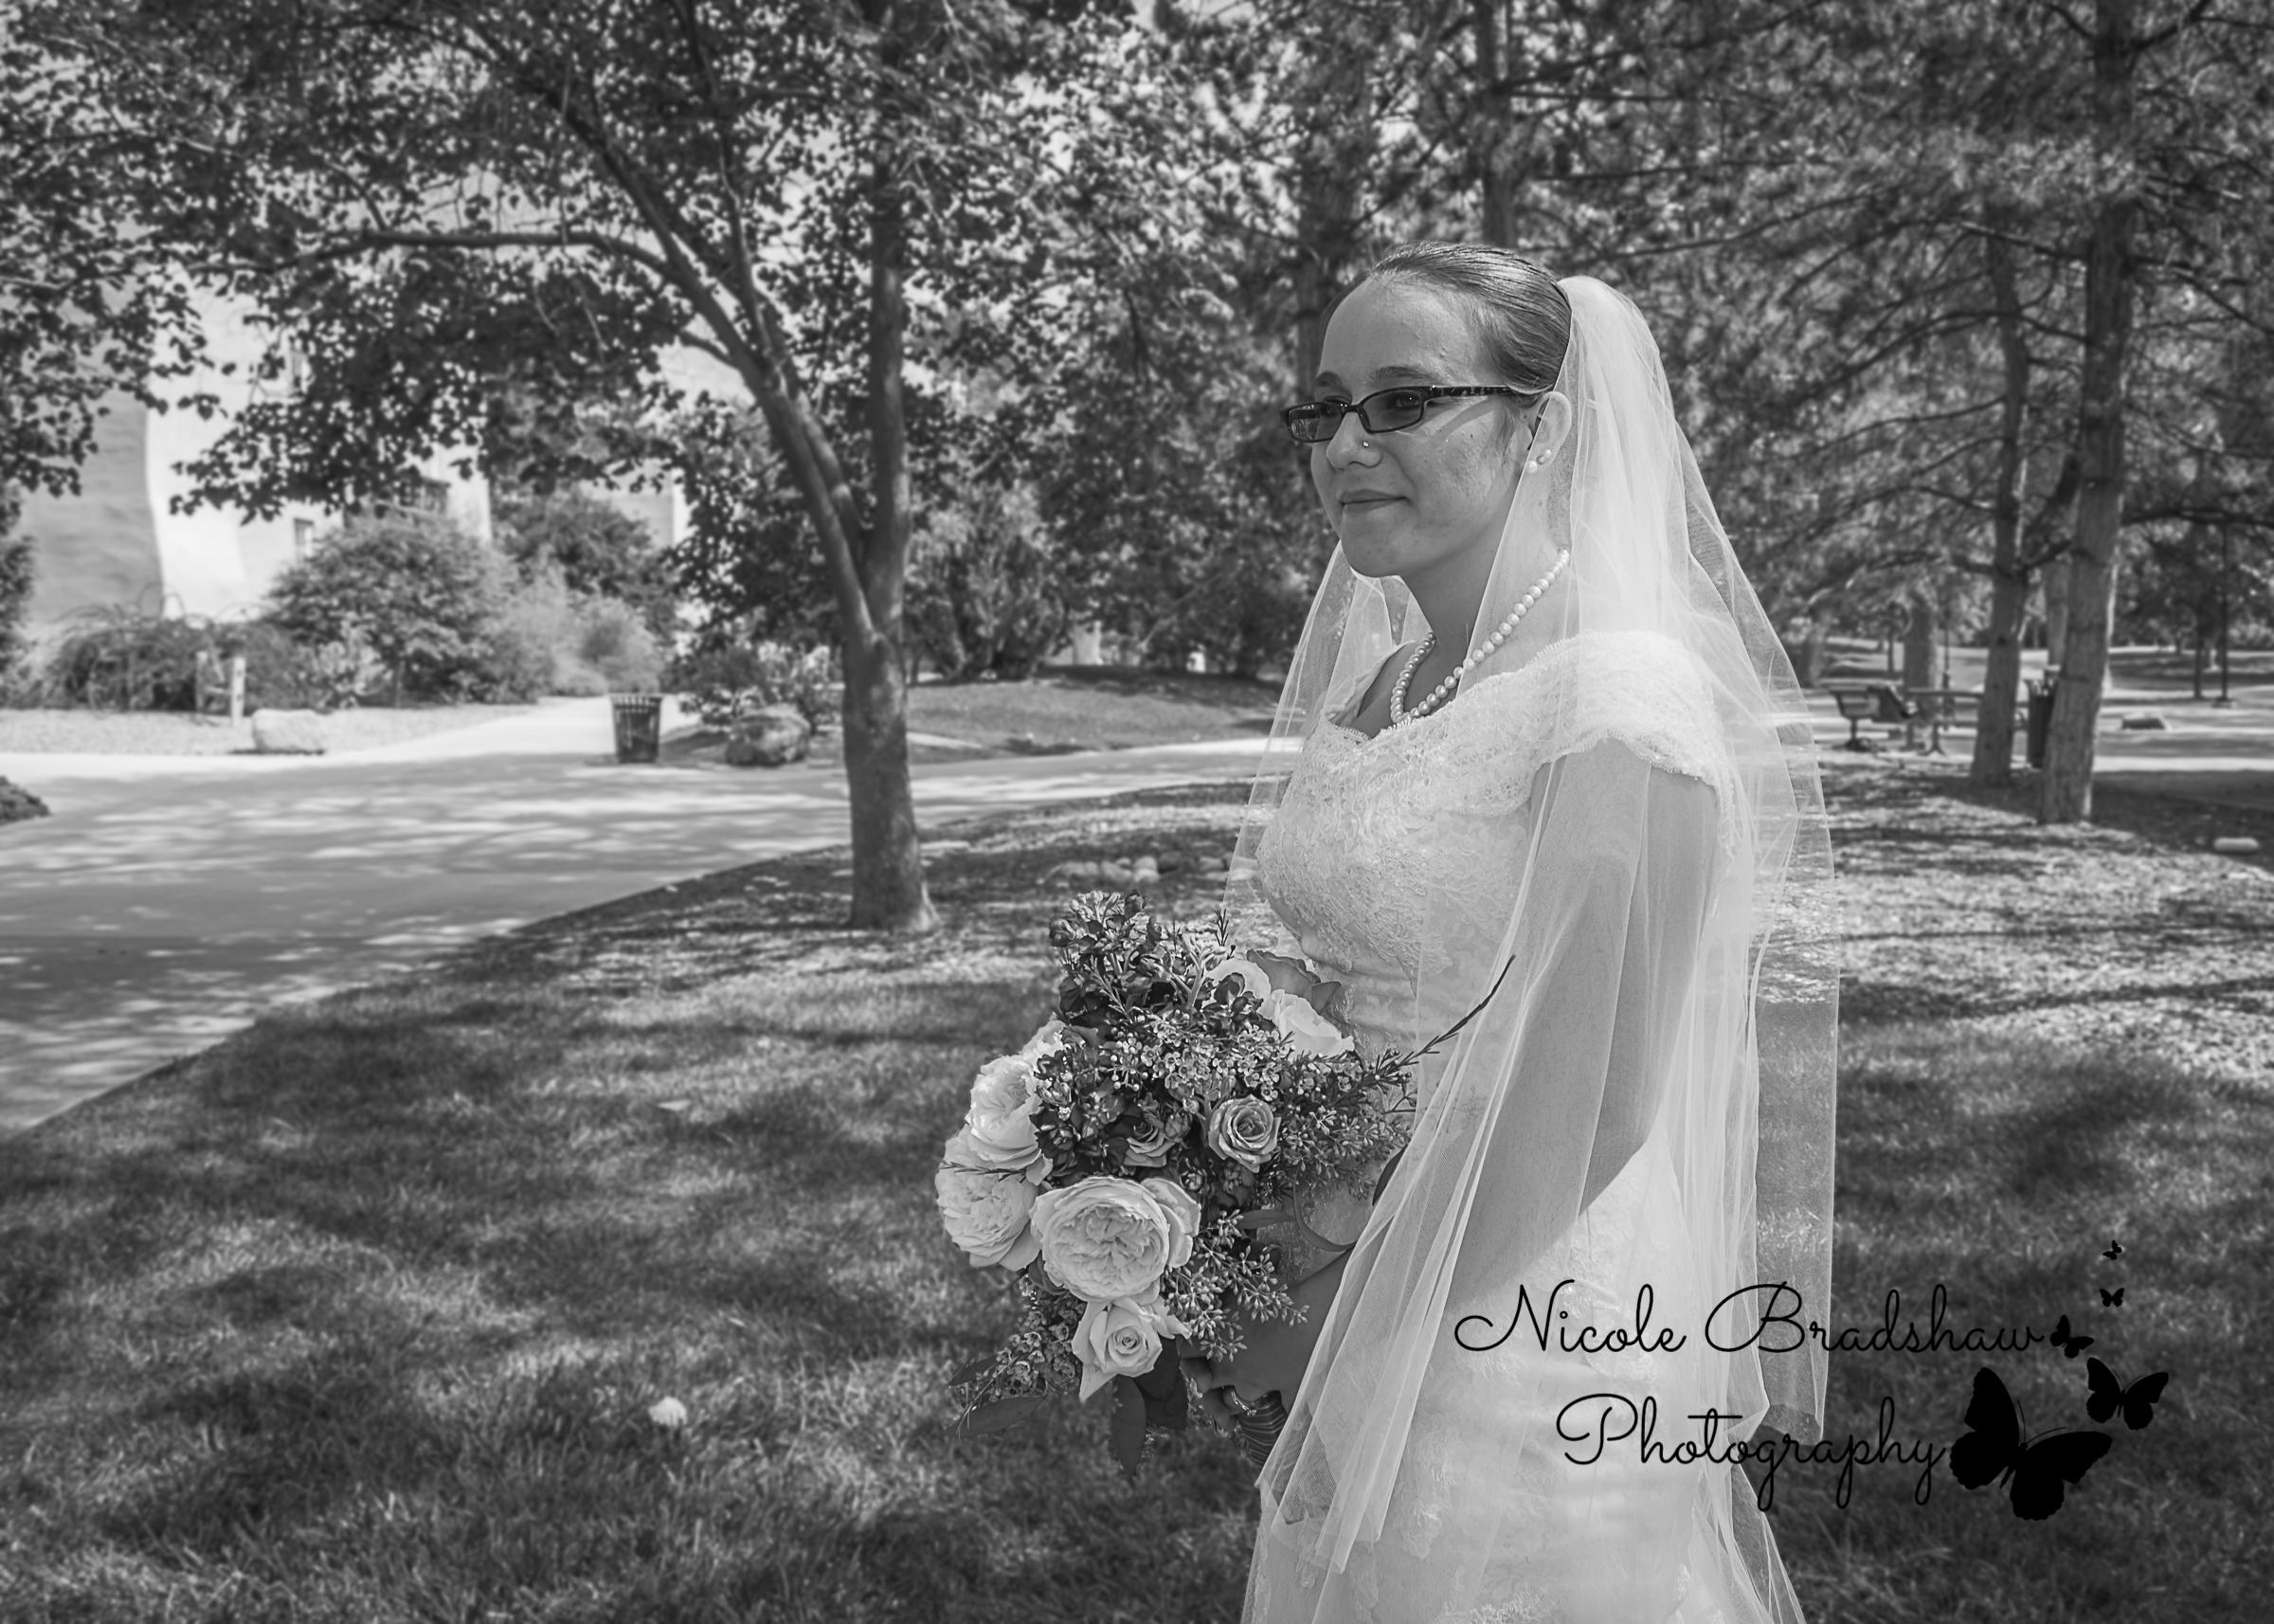 © Nicole Bradshaw Photography 2014; Zehrung/Shumway Wedding- UNM Alumni Chapel; New Mexico Wedding Photographer, Albuquerque Wedding Photographer, Rio Rancho Wedding Photographer, Santa Fe Wedding Photographer, Taos Wedding Photographer, Ruidoso Wedding Photographer